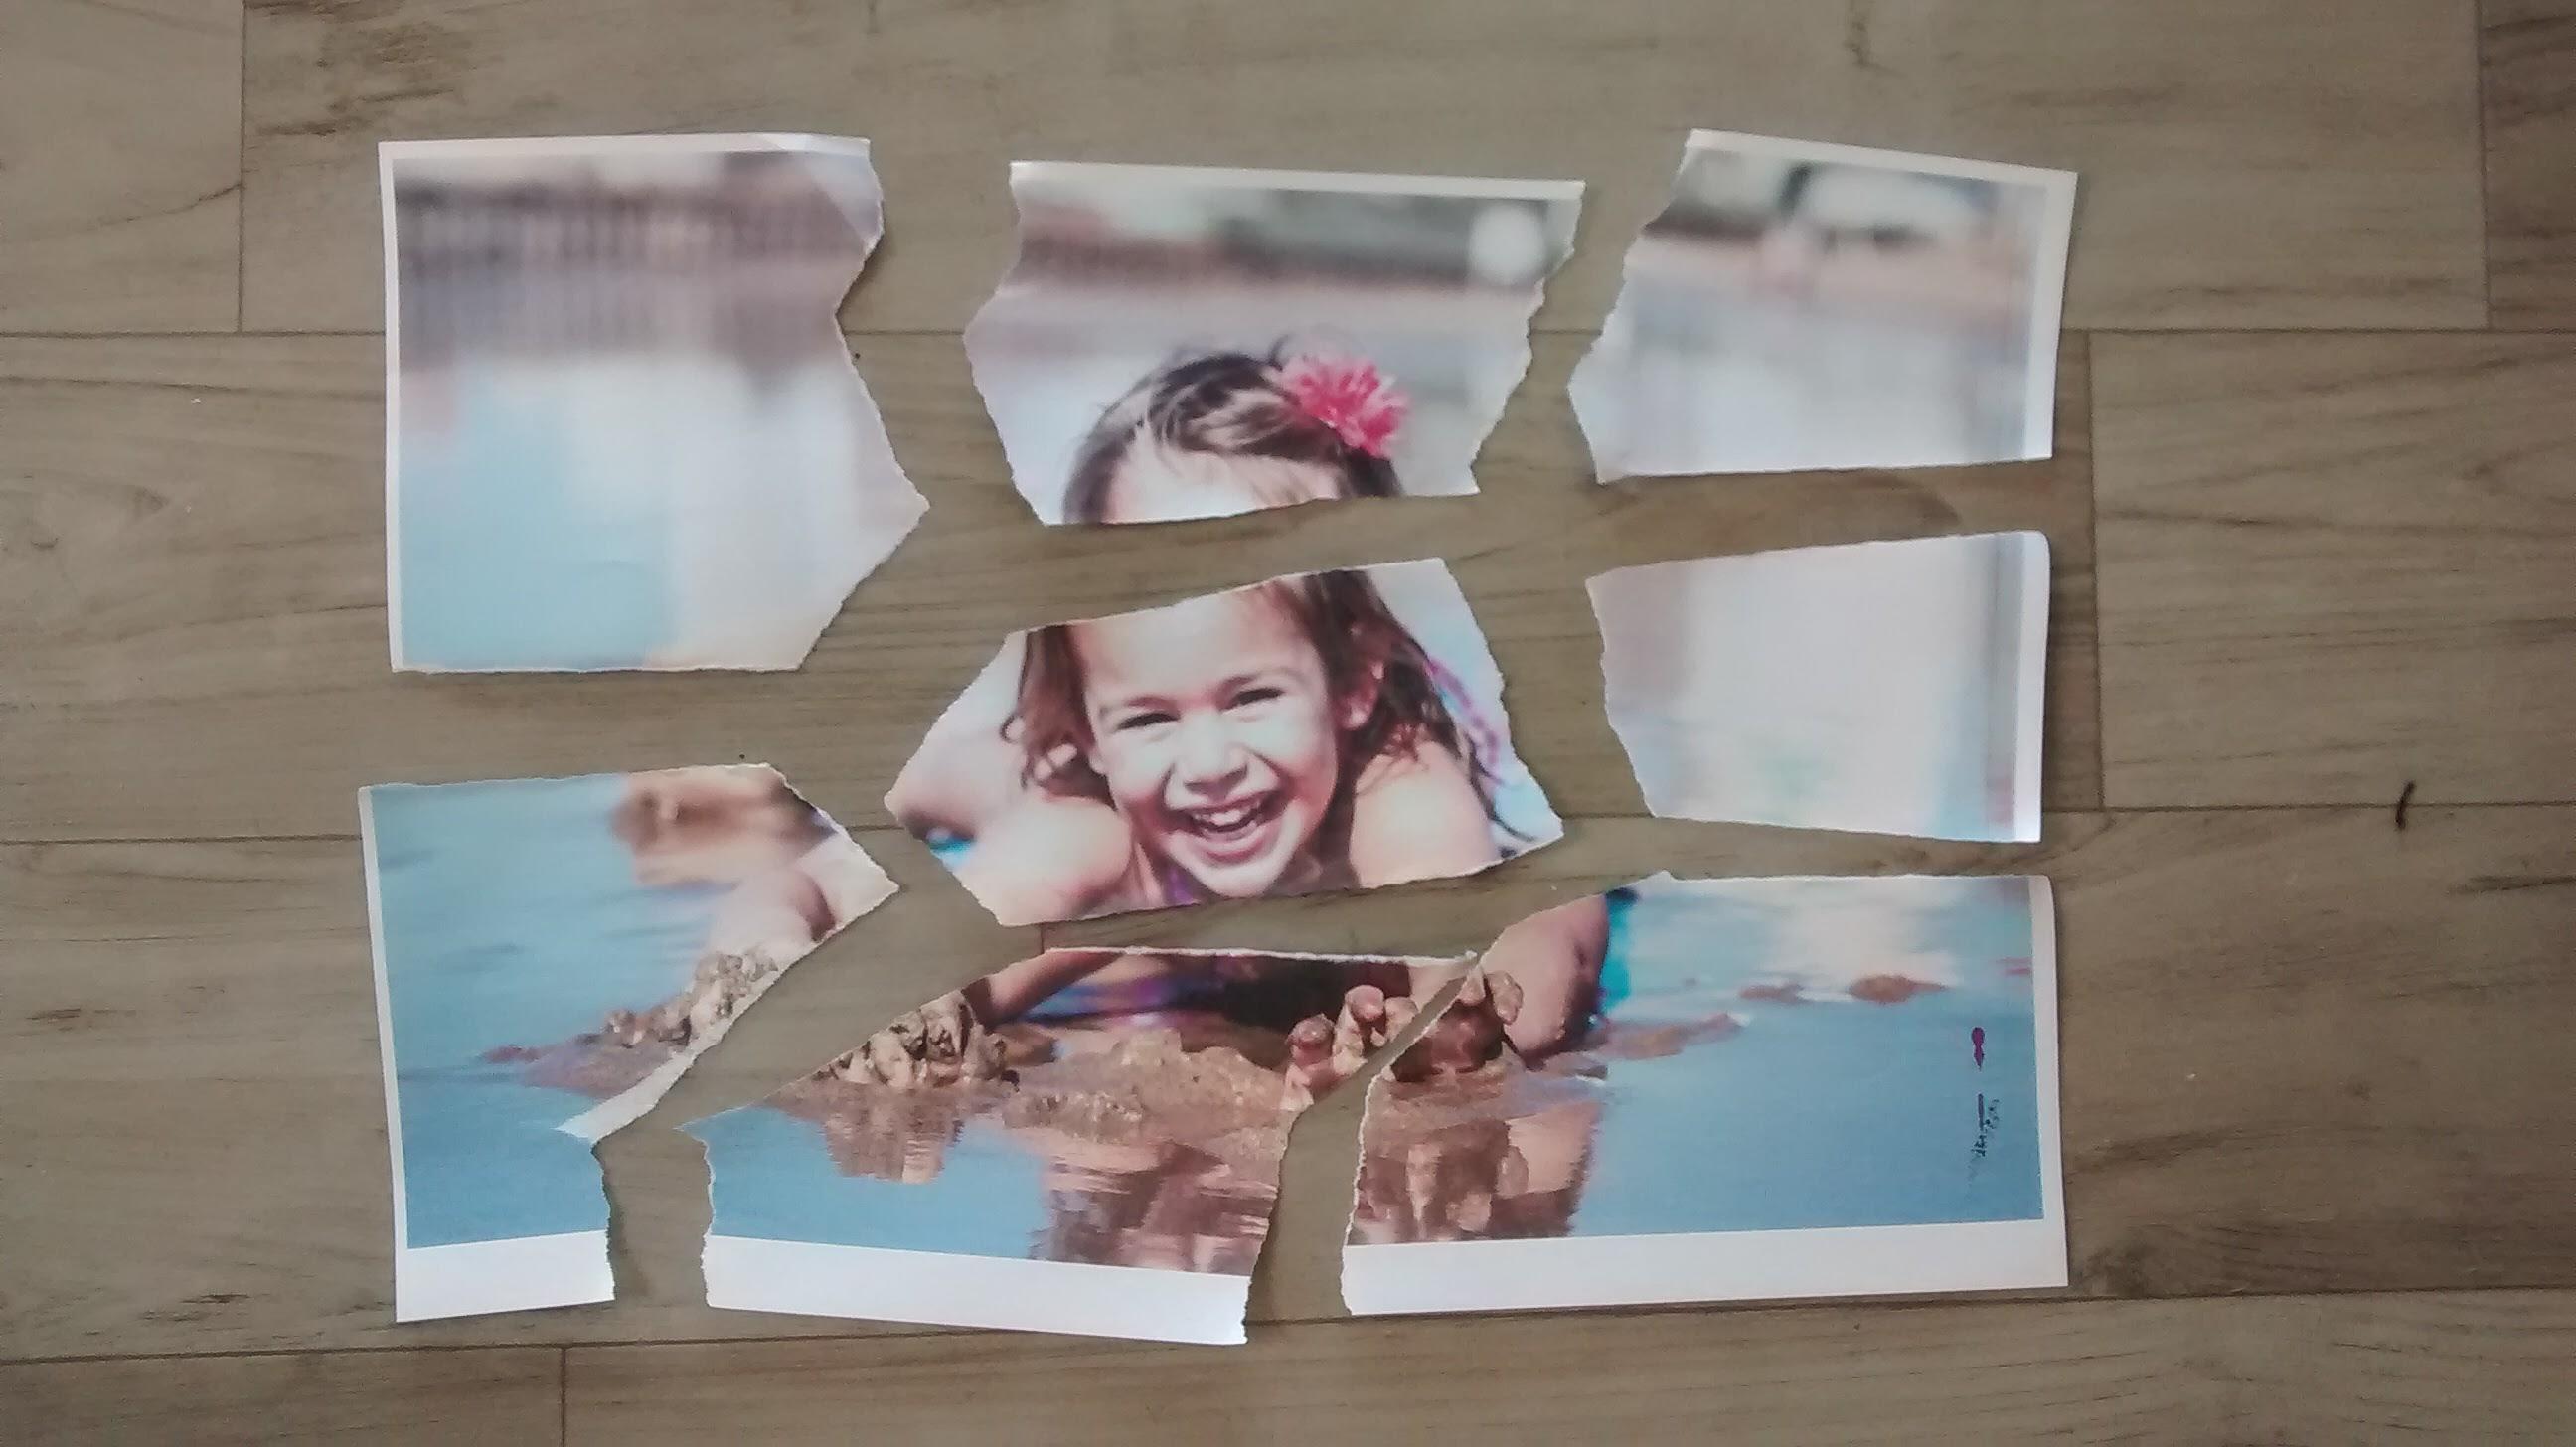 Quebra-cabeça com fotos